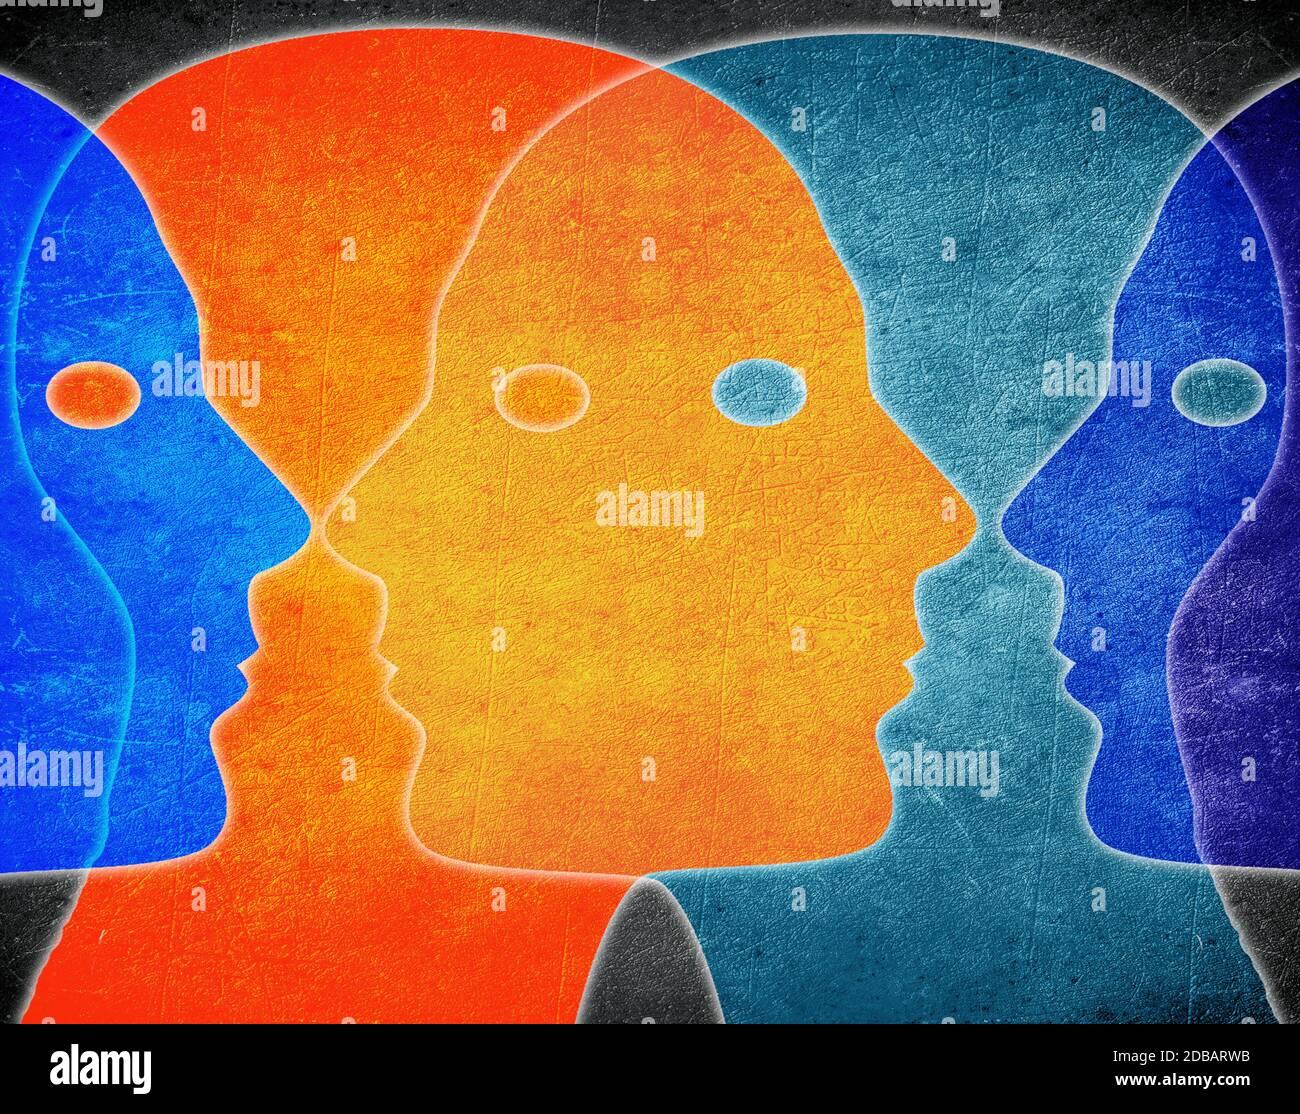 Cuatro jefes de colores ilustración digital Foto de stock